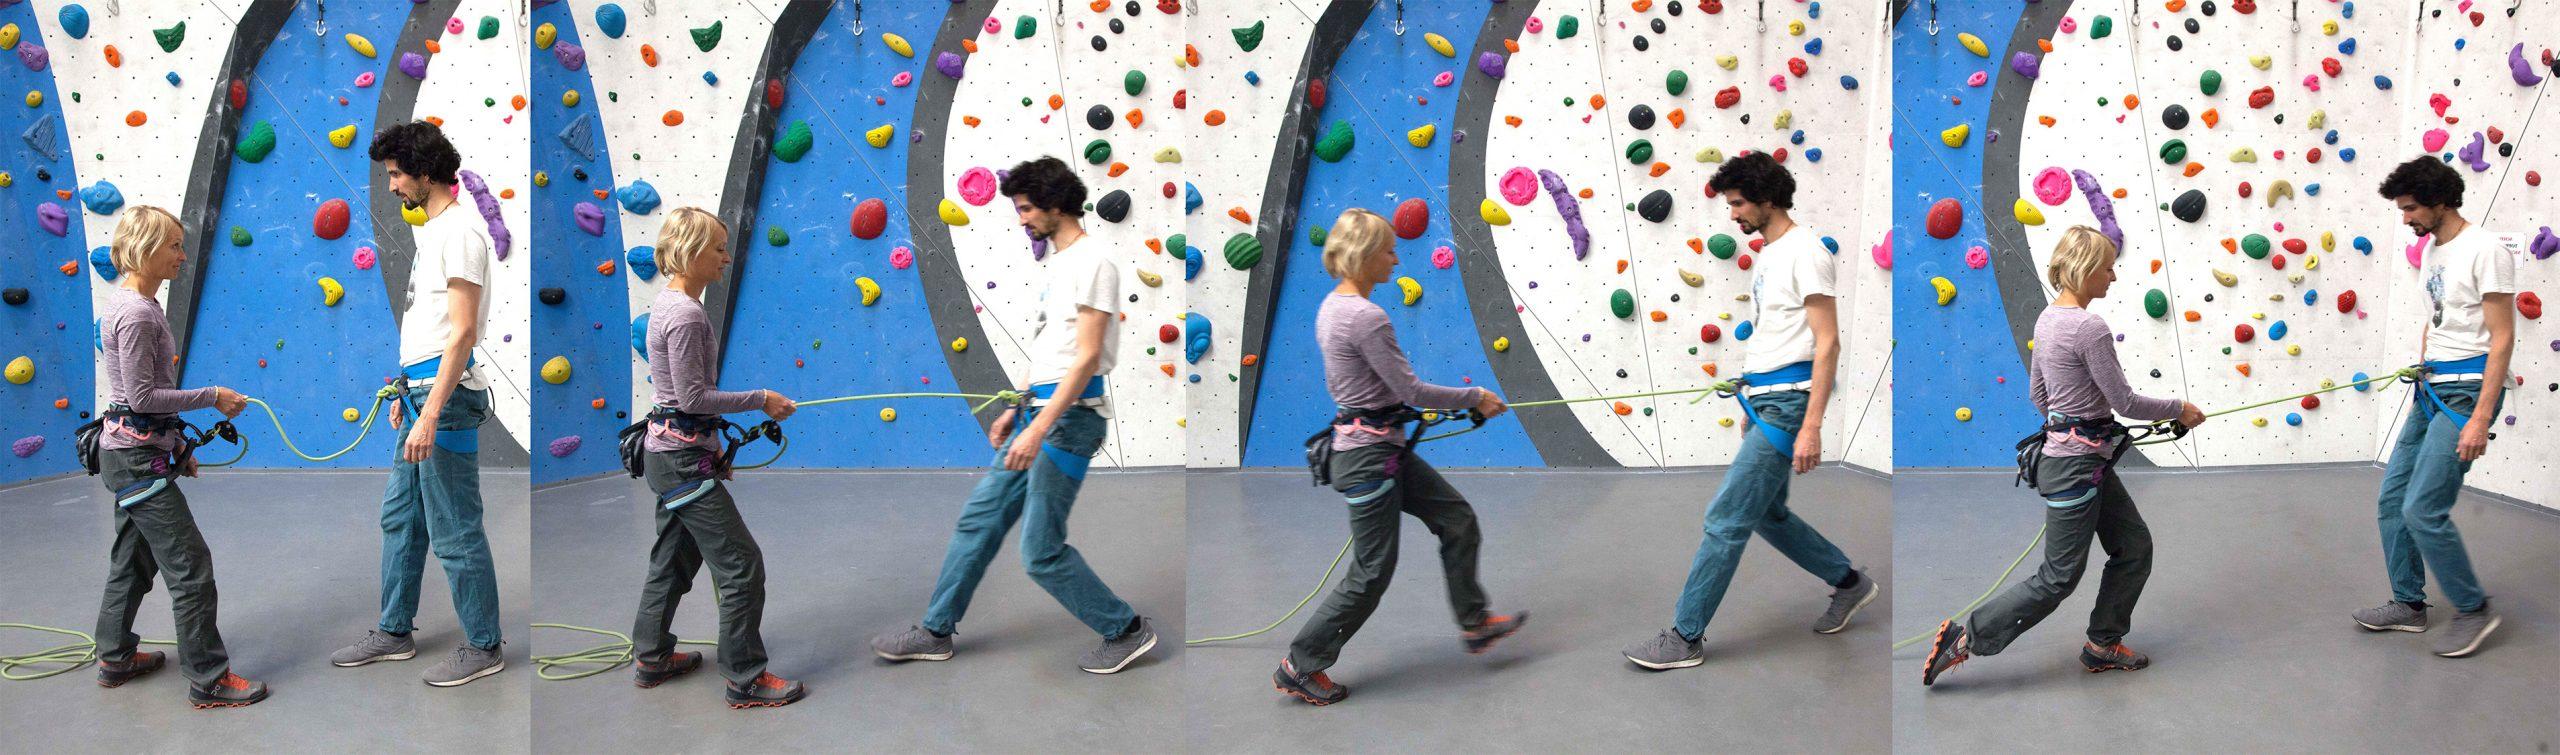 """Übung 2: """"Hinterhergehen"""": Kletterin geht ruckartig zurück, die Sicherin geht dem Sturzzug mit einem Schritt hinterher (Körperdynamik)."""